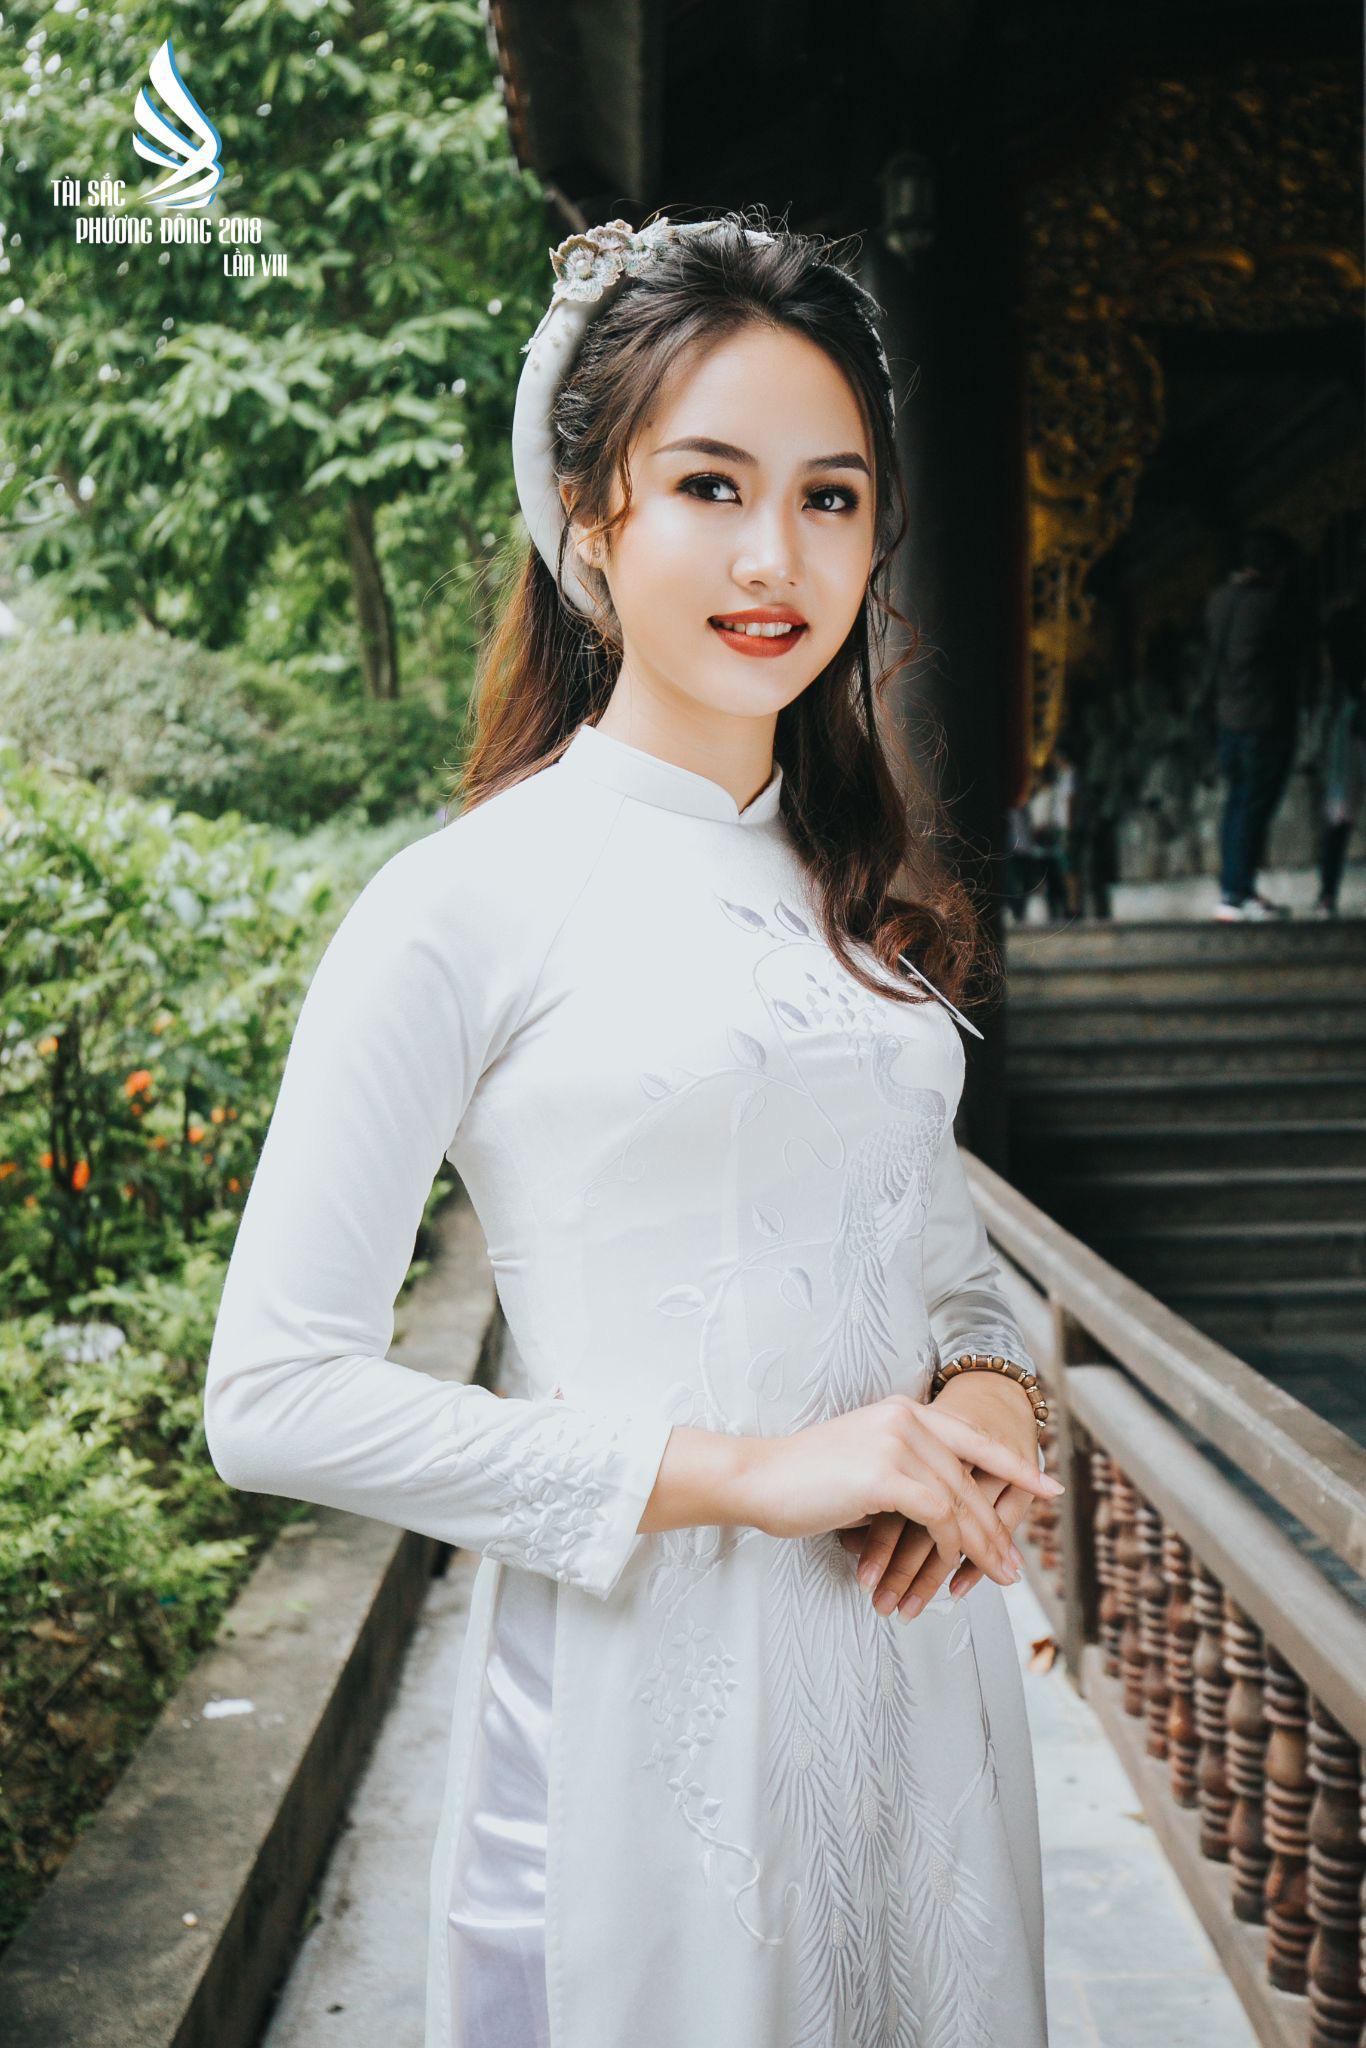 Gặp gỡ cô nàng Gen Z tài năng của Đại học Phương Đông hiện đang là gương mặt nổi bật tại Miss World Việt Nam 2021 - Ảnh 1.